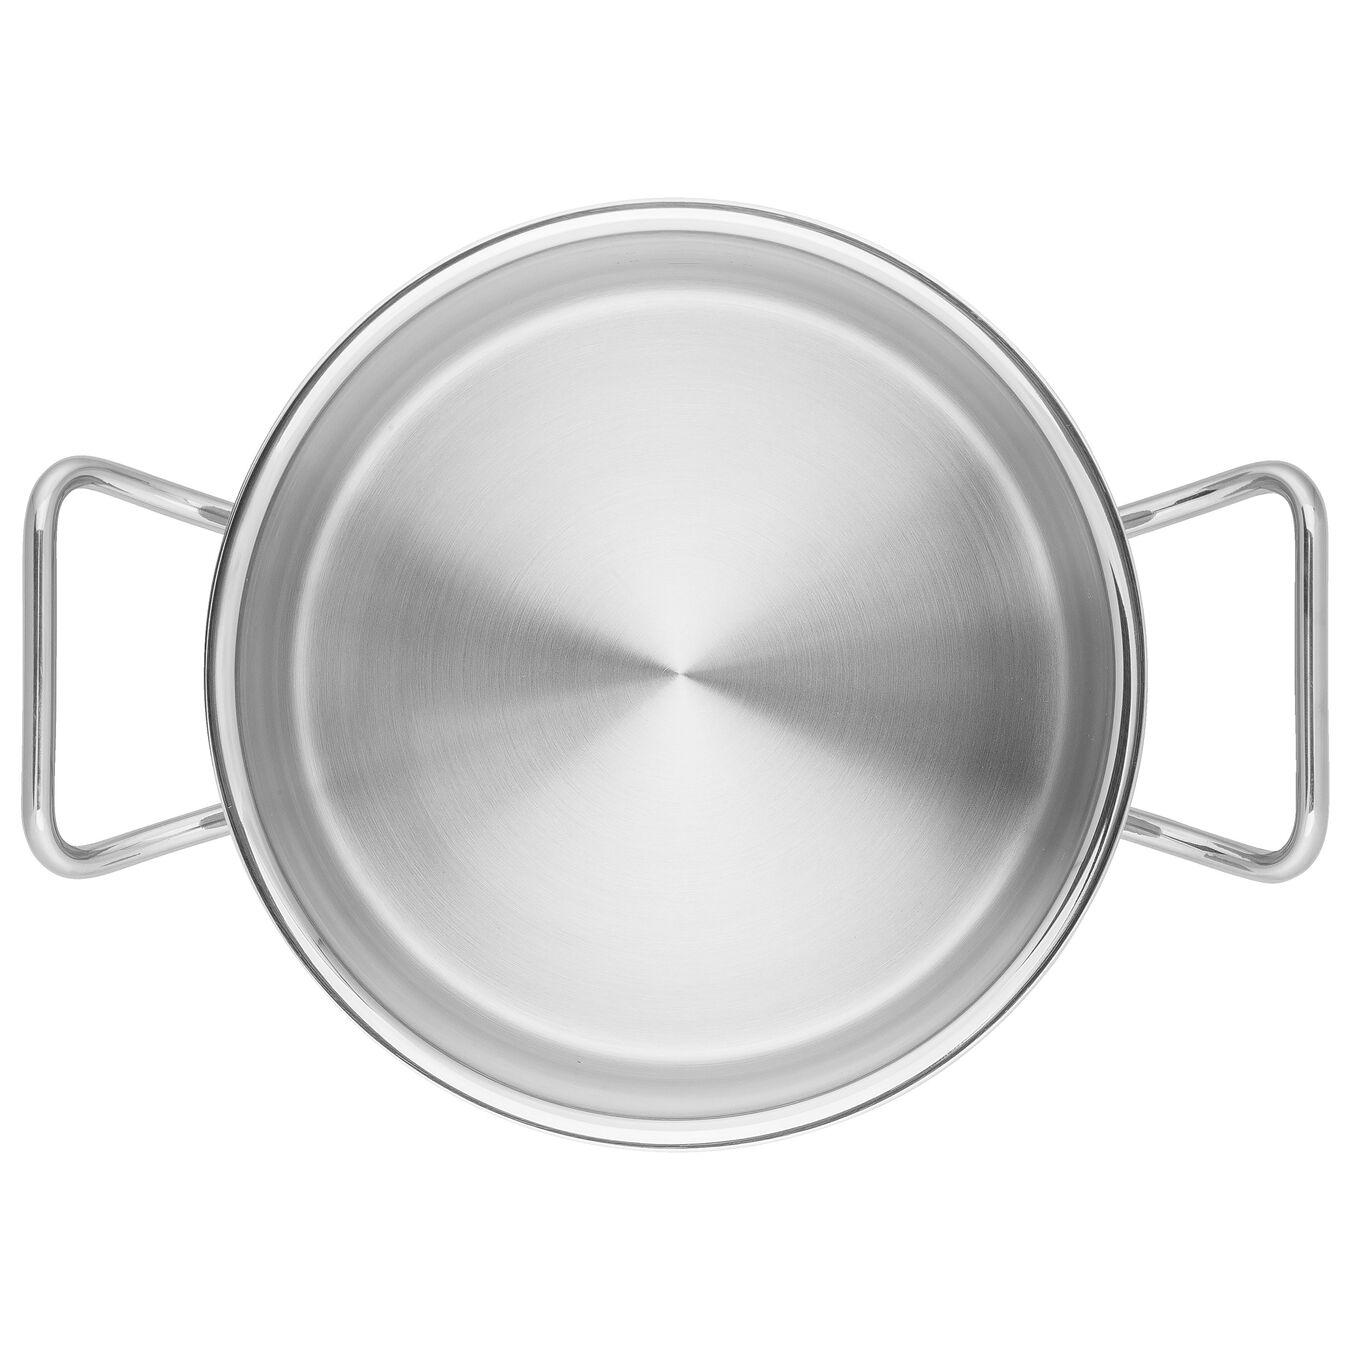 Ensemble de casseroles 5-pcs, Inox 18/10,,large 6